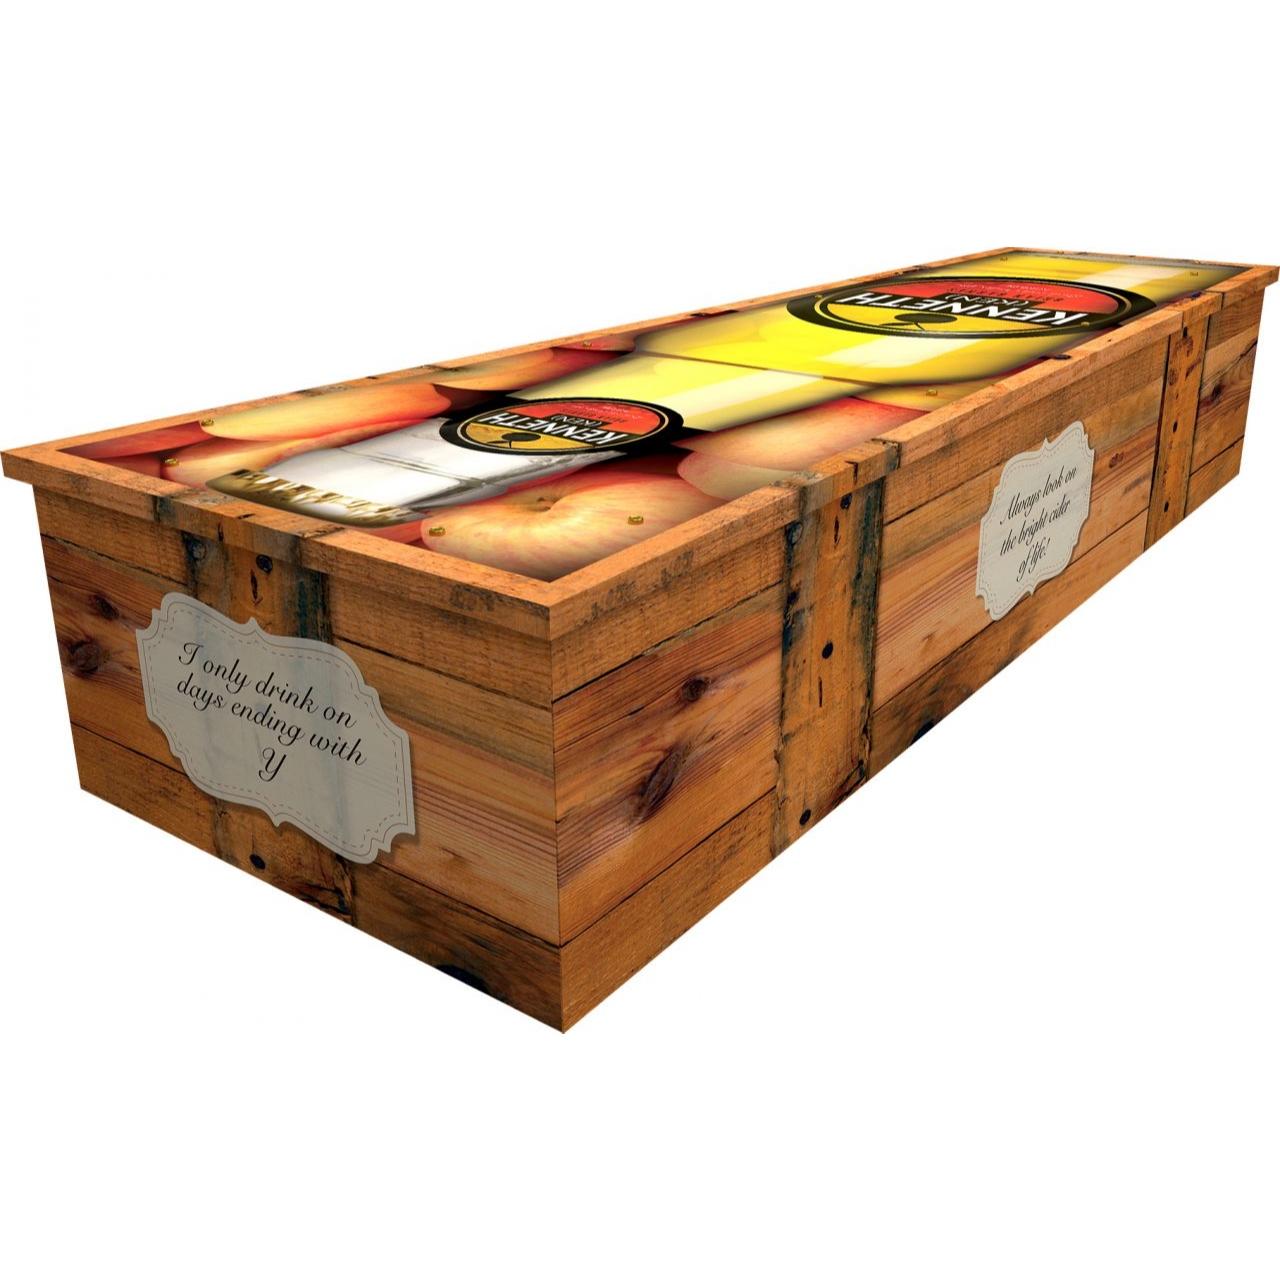 Cider Bottle Cardboard Coffin